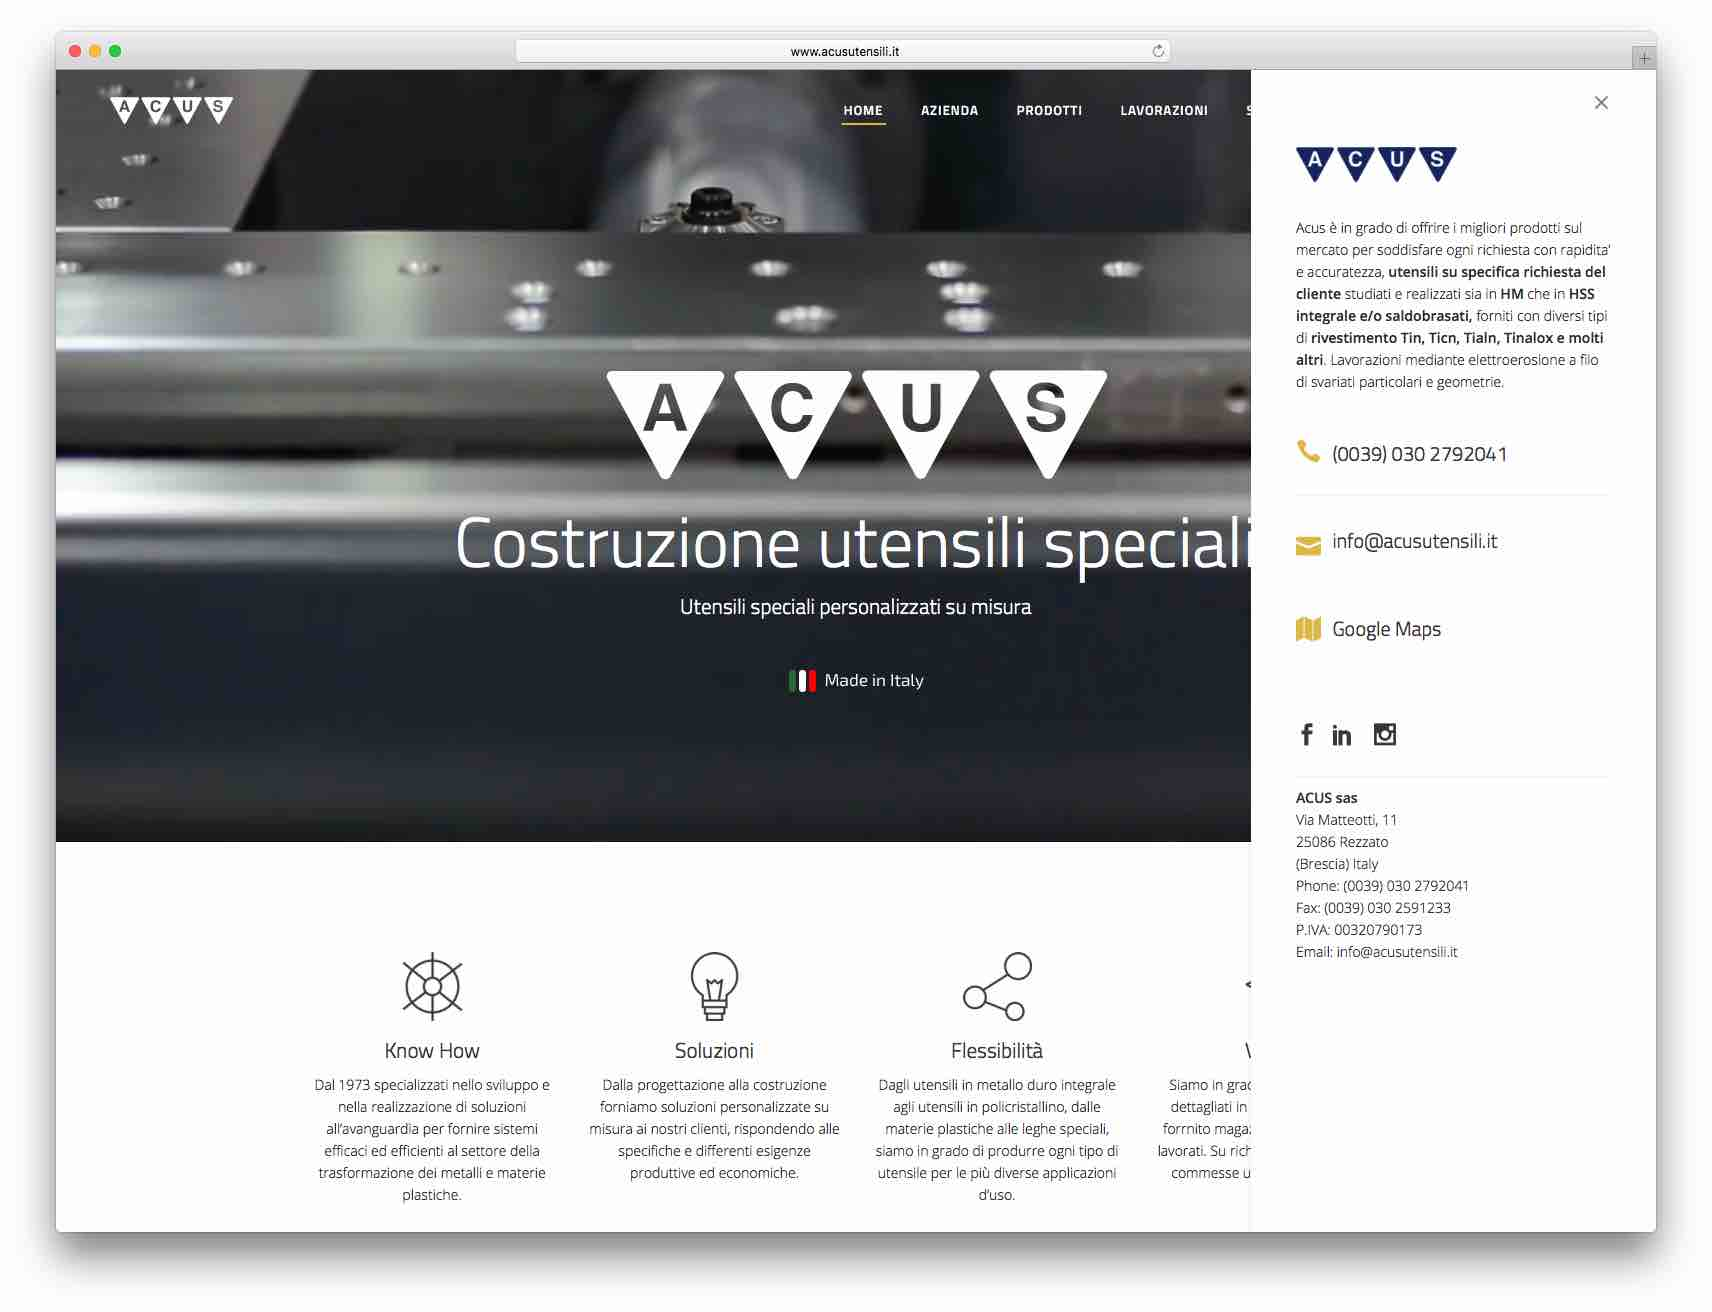 creazione siti web brescia - sito web acus utensili